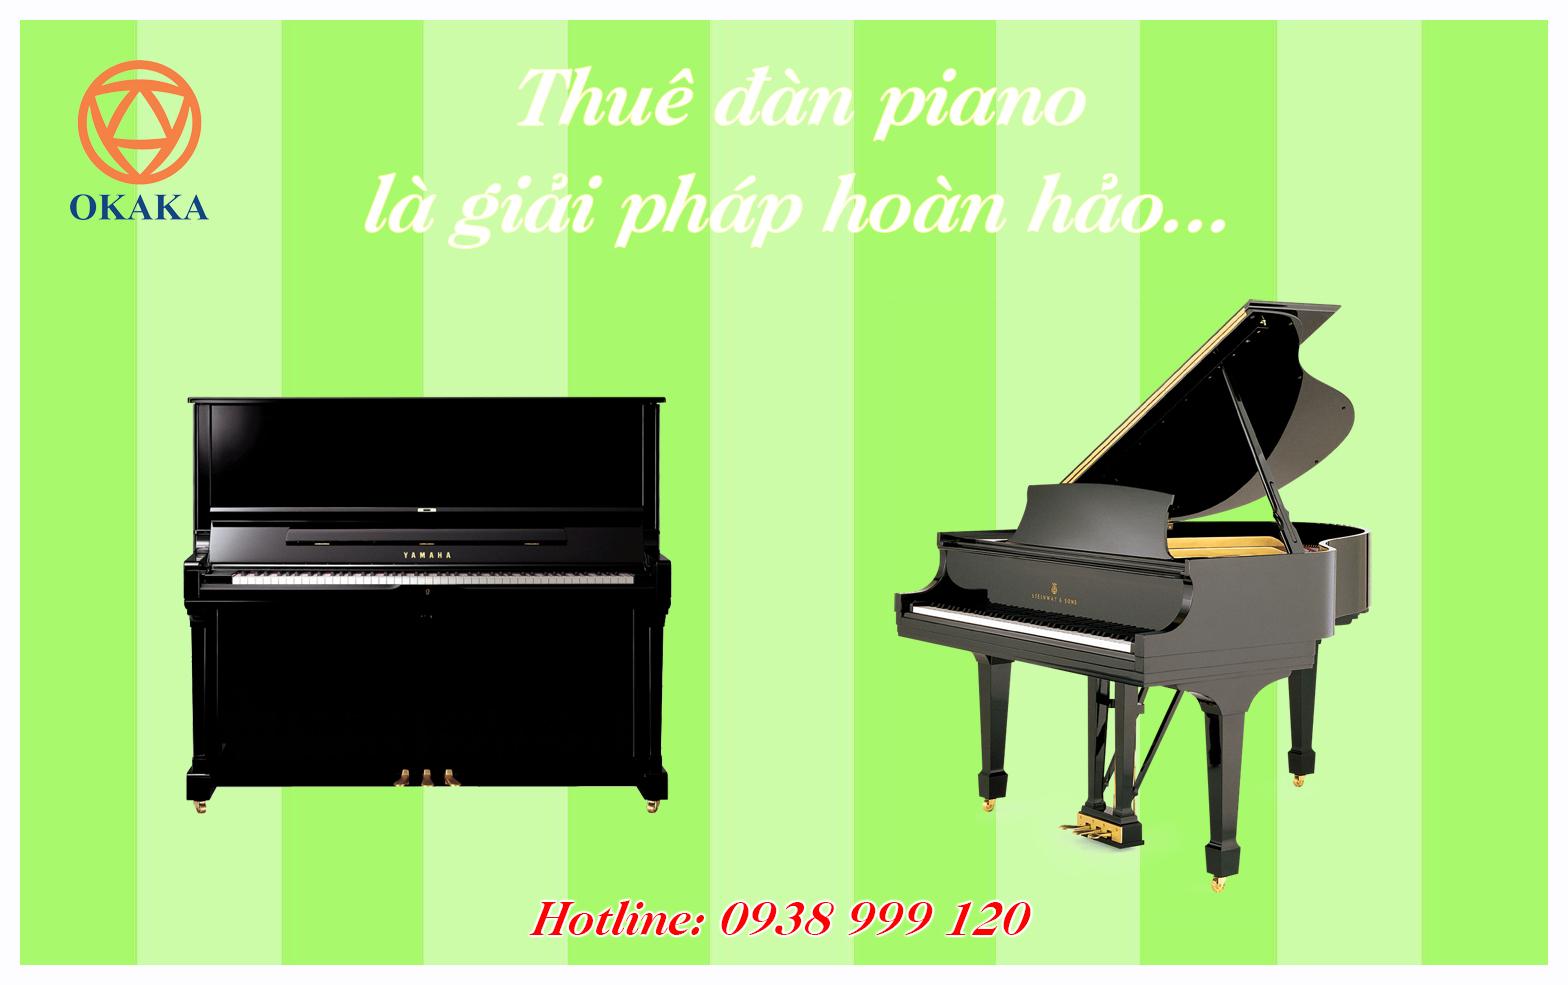 Tư vấn thuê đàn piano cho khách cũng nhiều, hôm nay OKAKA Music chia sẻ đến bạn những trường hợp thuê đàn piano là giải pháp hoàn hảo, hy vọng giúp ích cho bạn ít nhiều trong việc đưa ra quyết định có nên thuê đàn piano hay không.